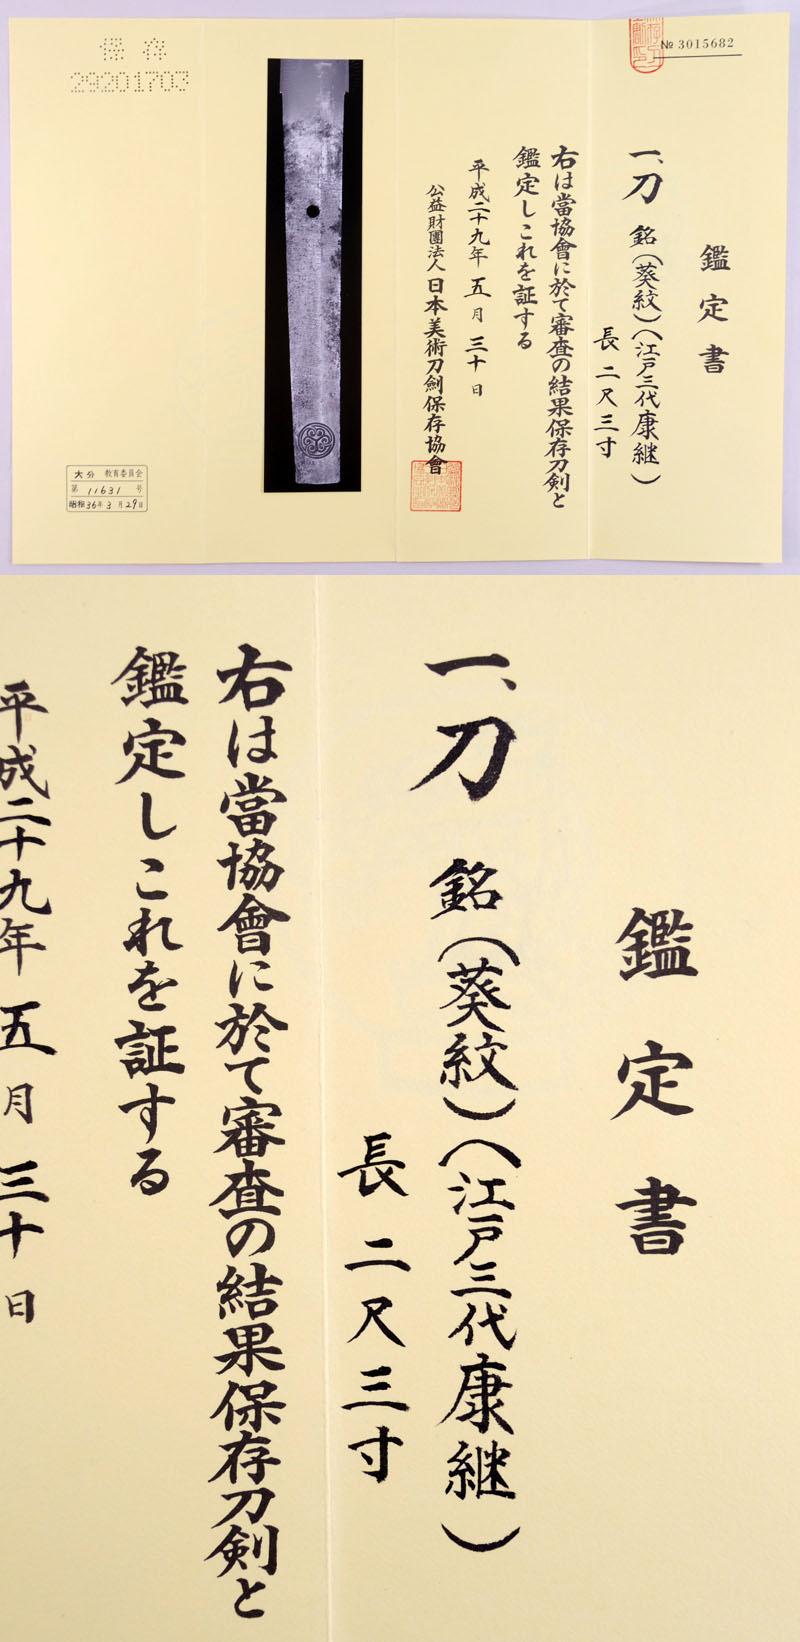 江戸三代康継 Picture of Certificate